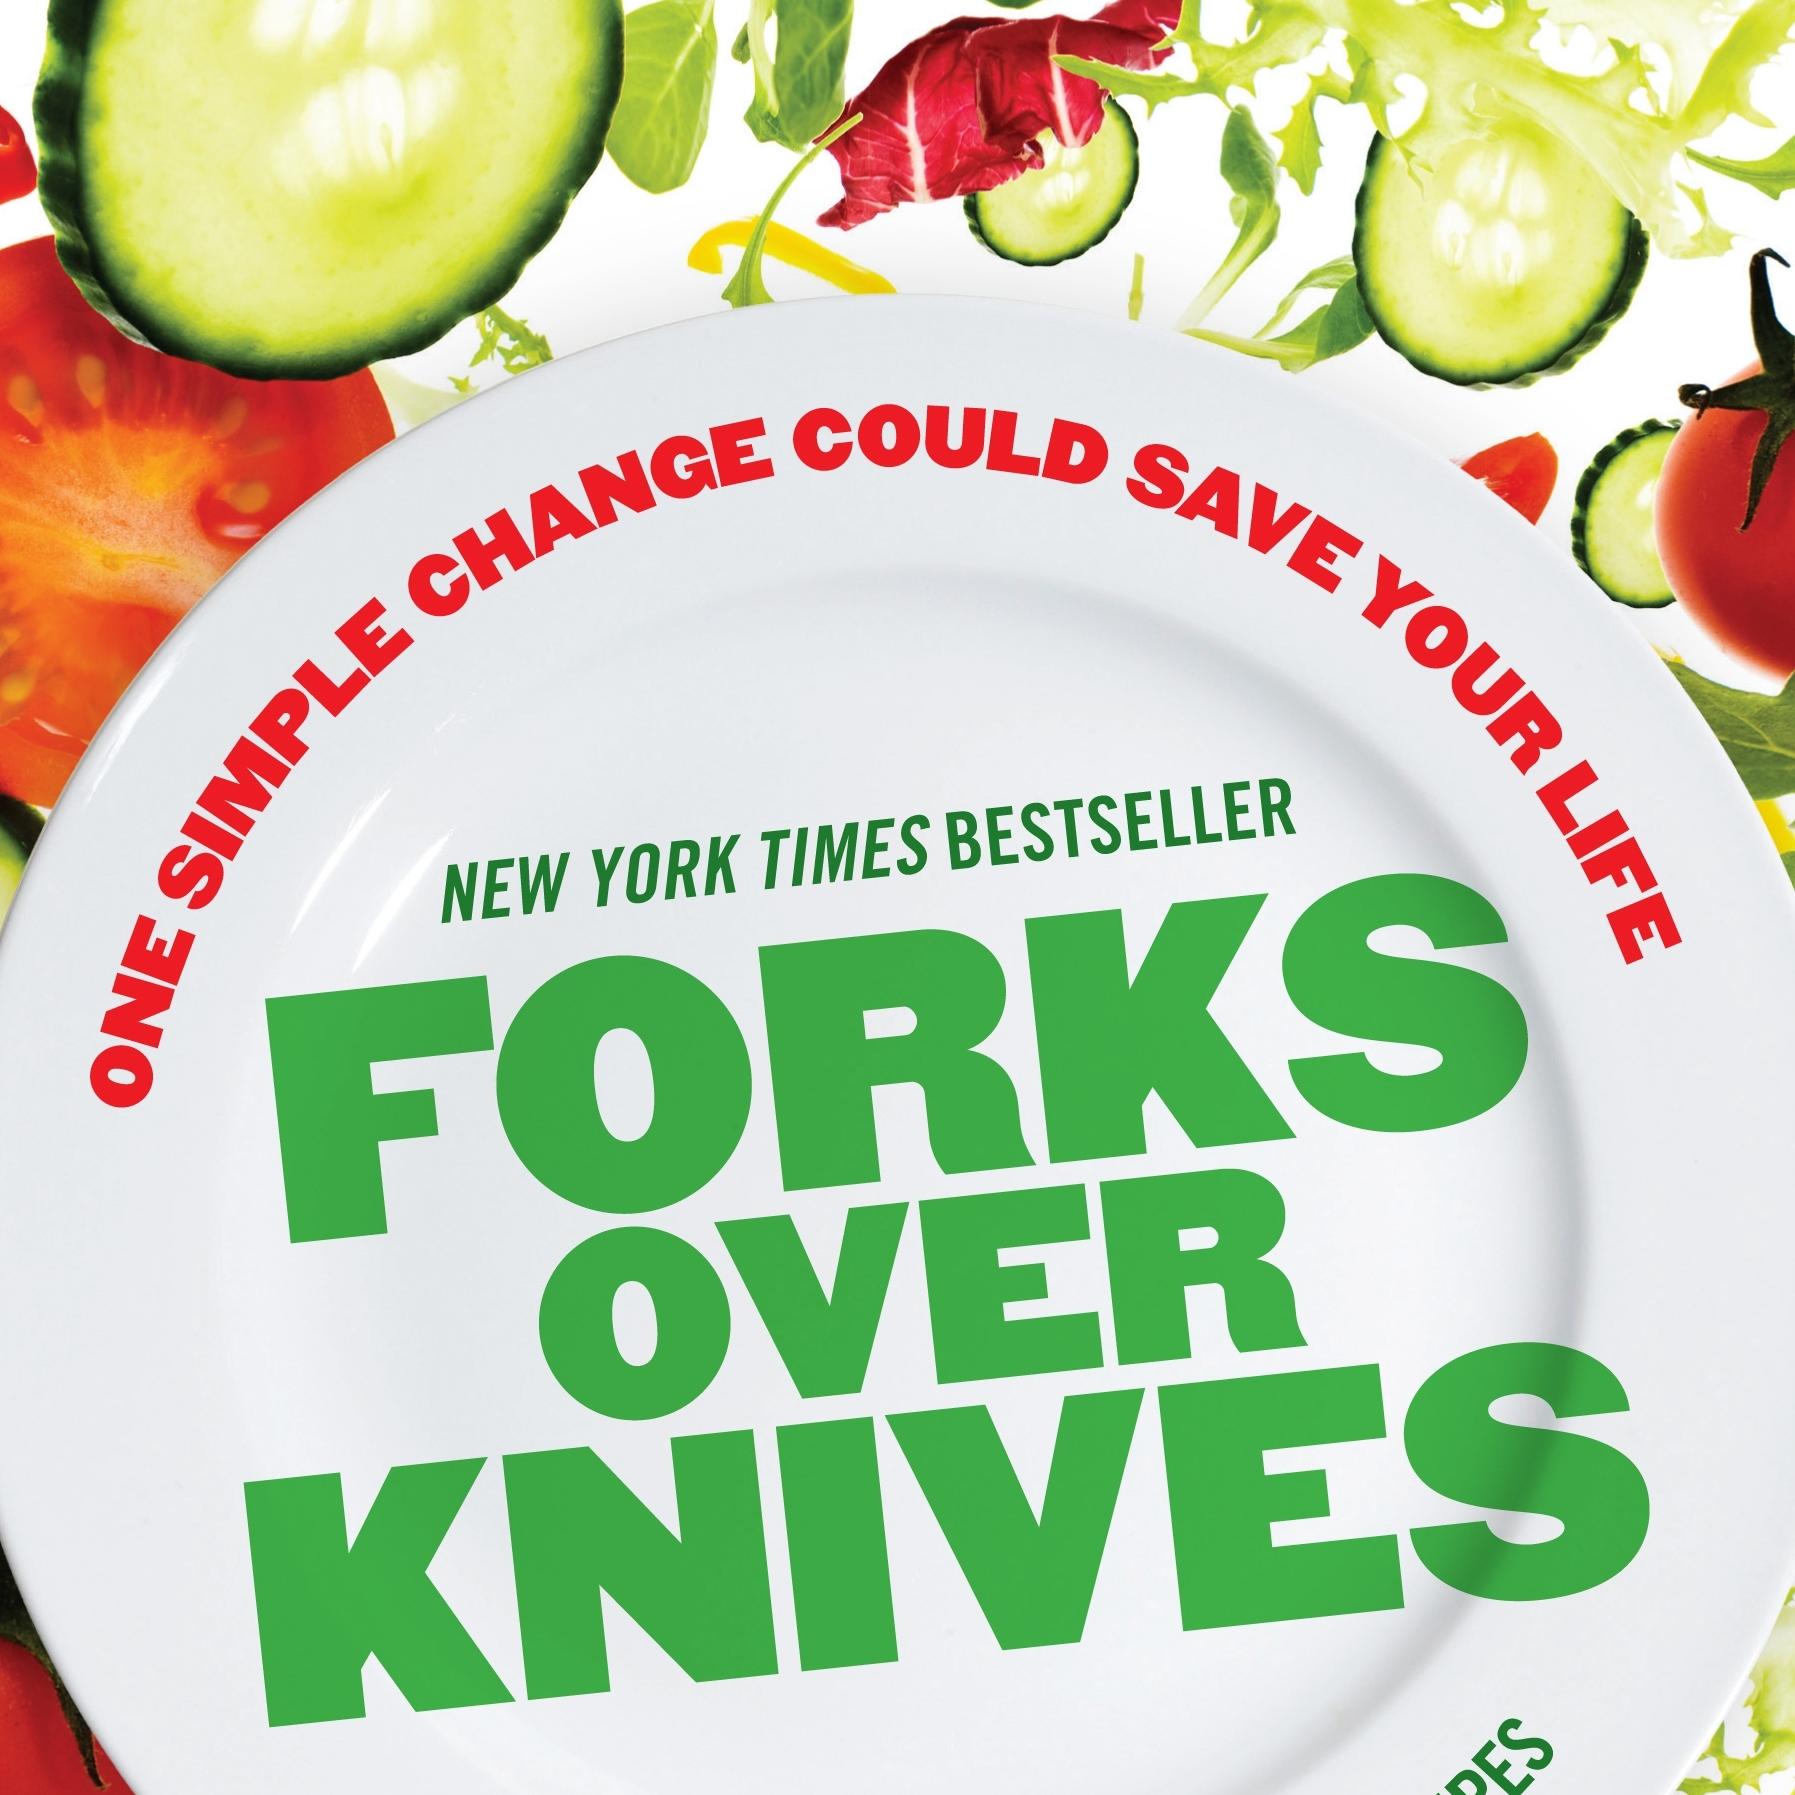 forks over knives gene stone book.jpg